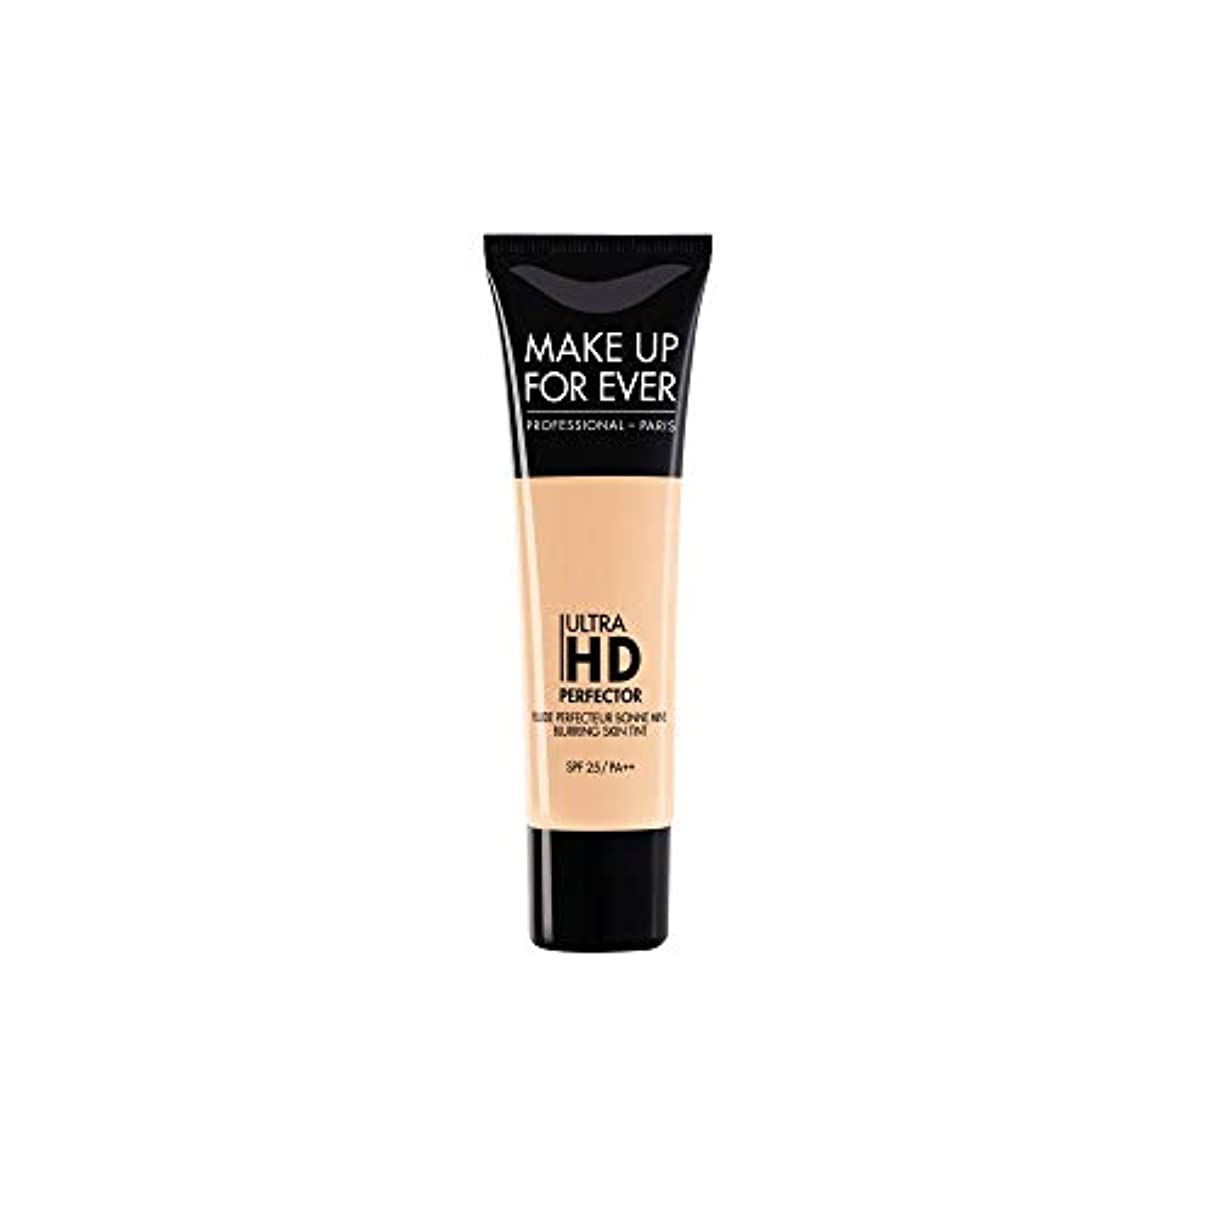 アジア広告主案件メイクアップフォーエバー Ultra HD Perfector Blurring Skin Tint SPF25 - # 02 Pink Sand 30ml/1.01oz並行輸入品